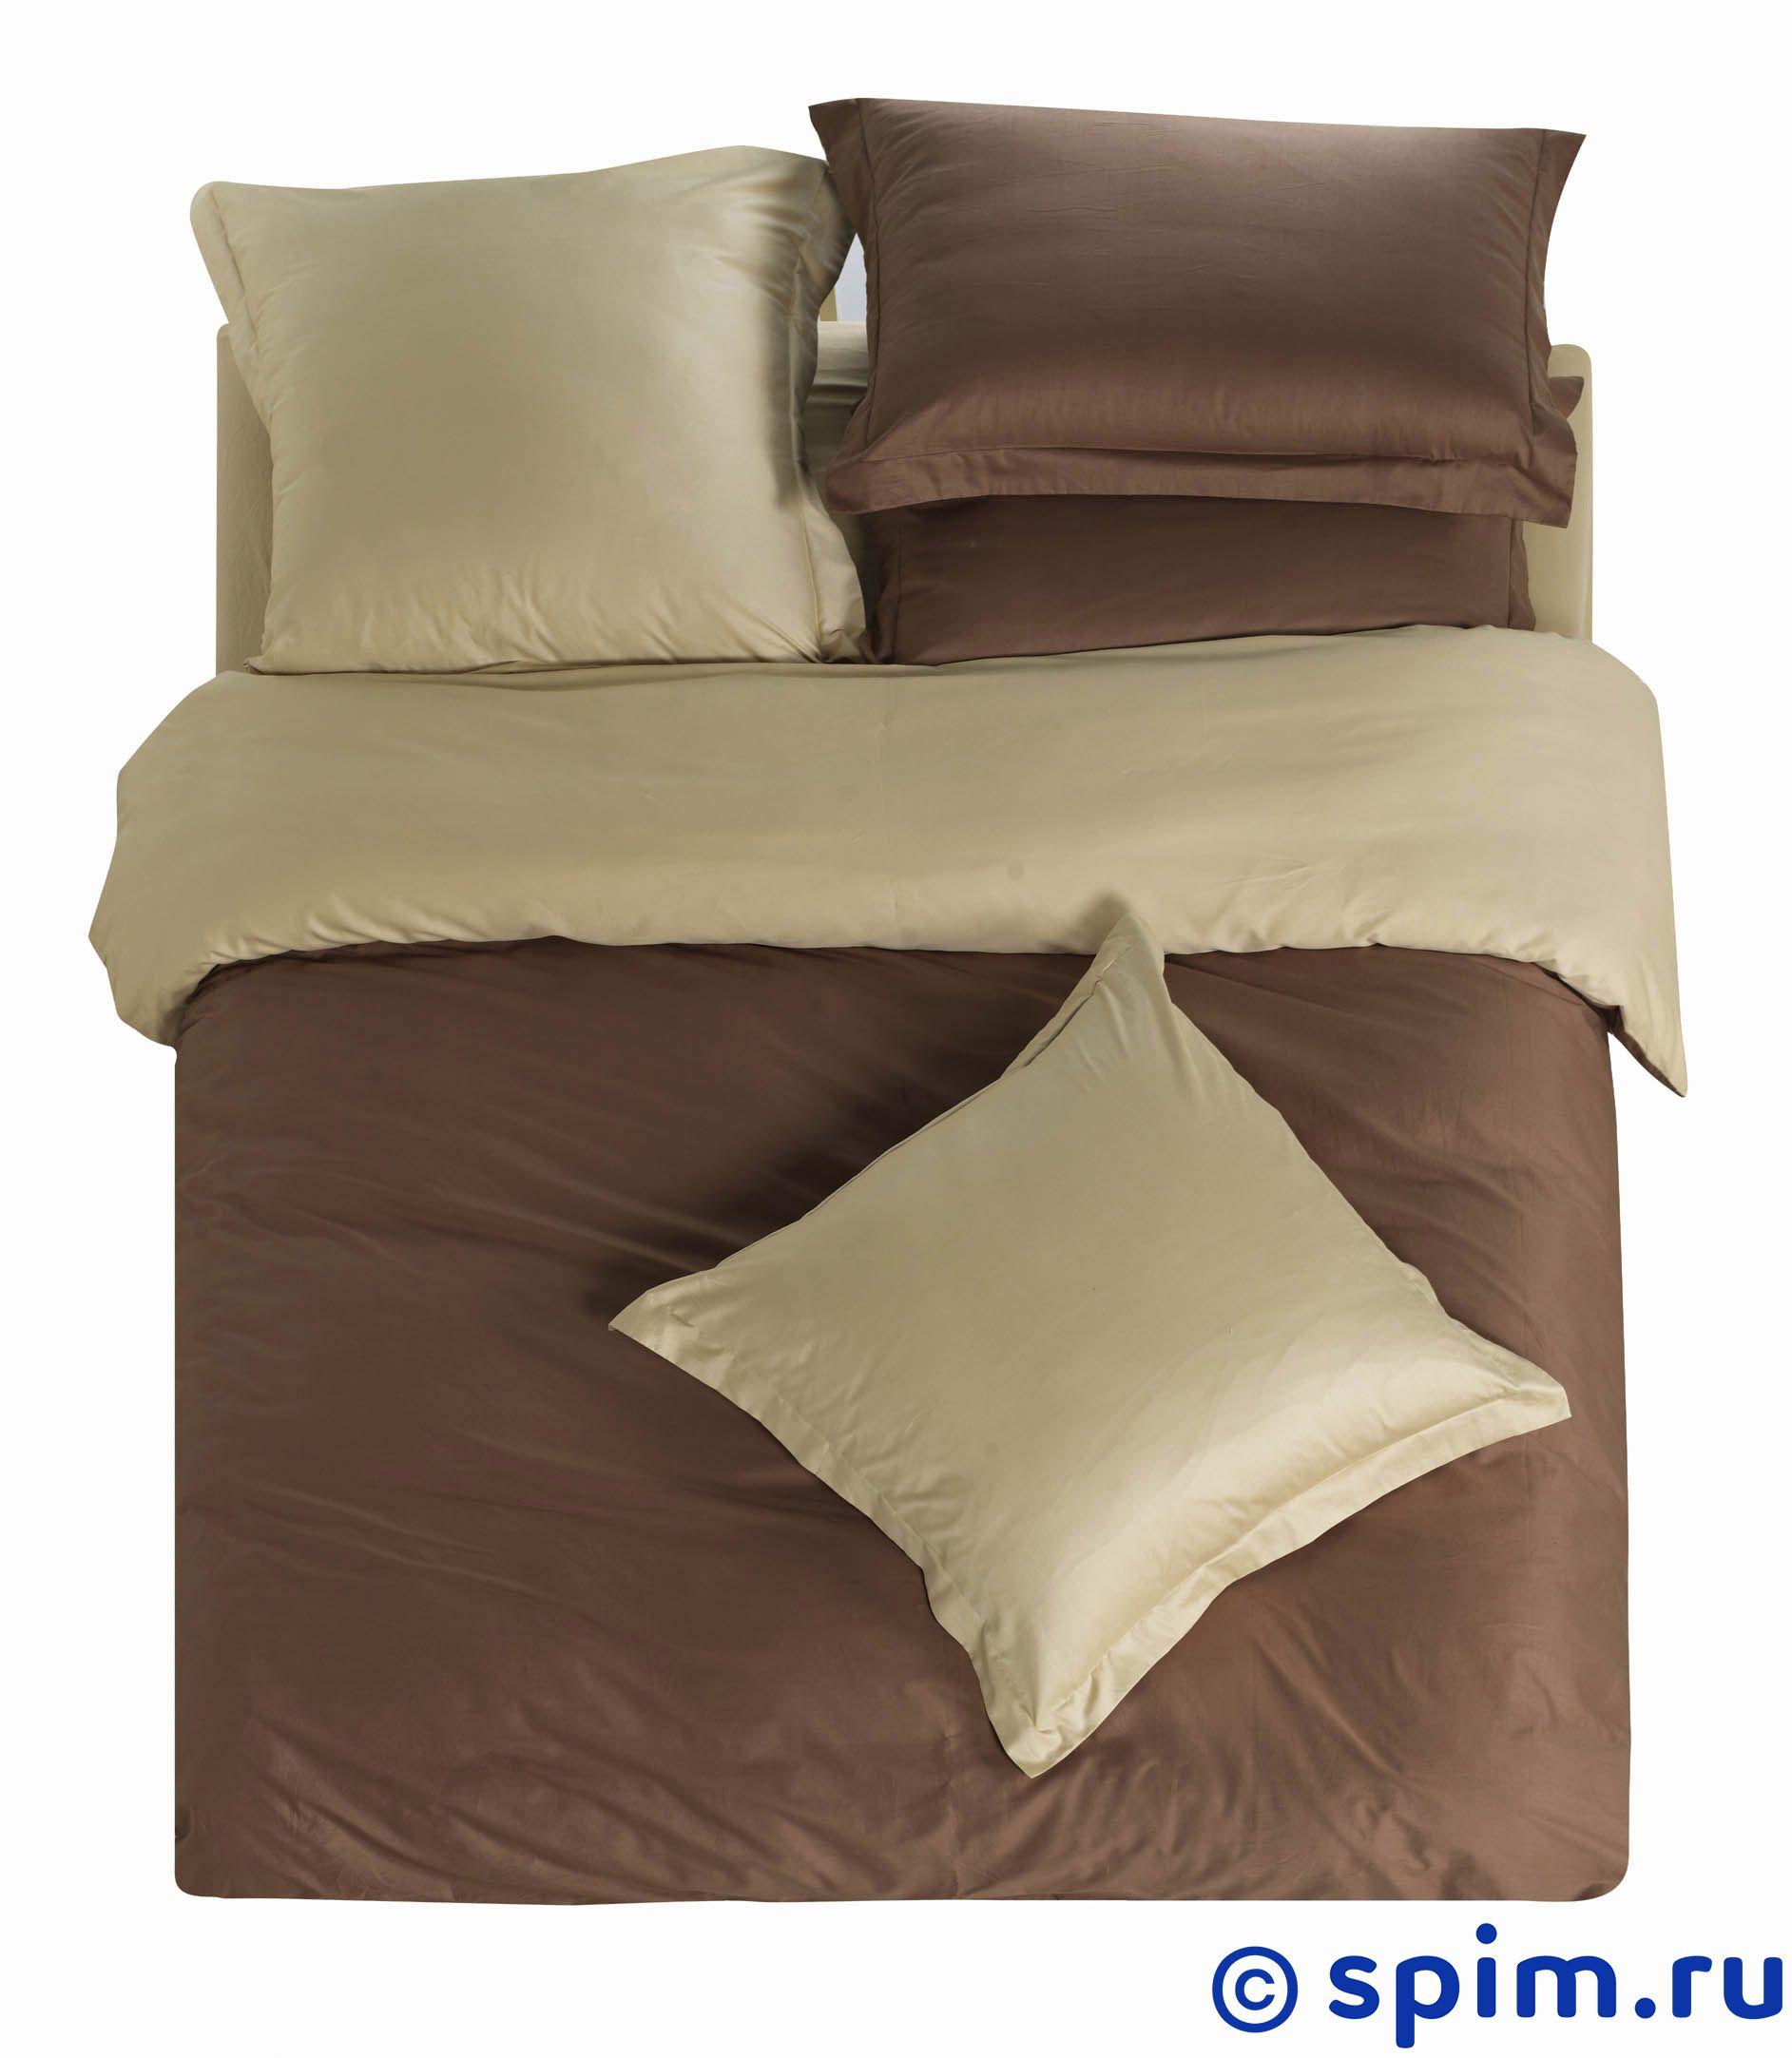 Постельное белье СайлиД L5 Евро-стандарт постельное белье сайлид евро d 156